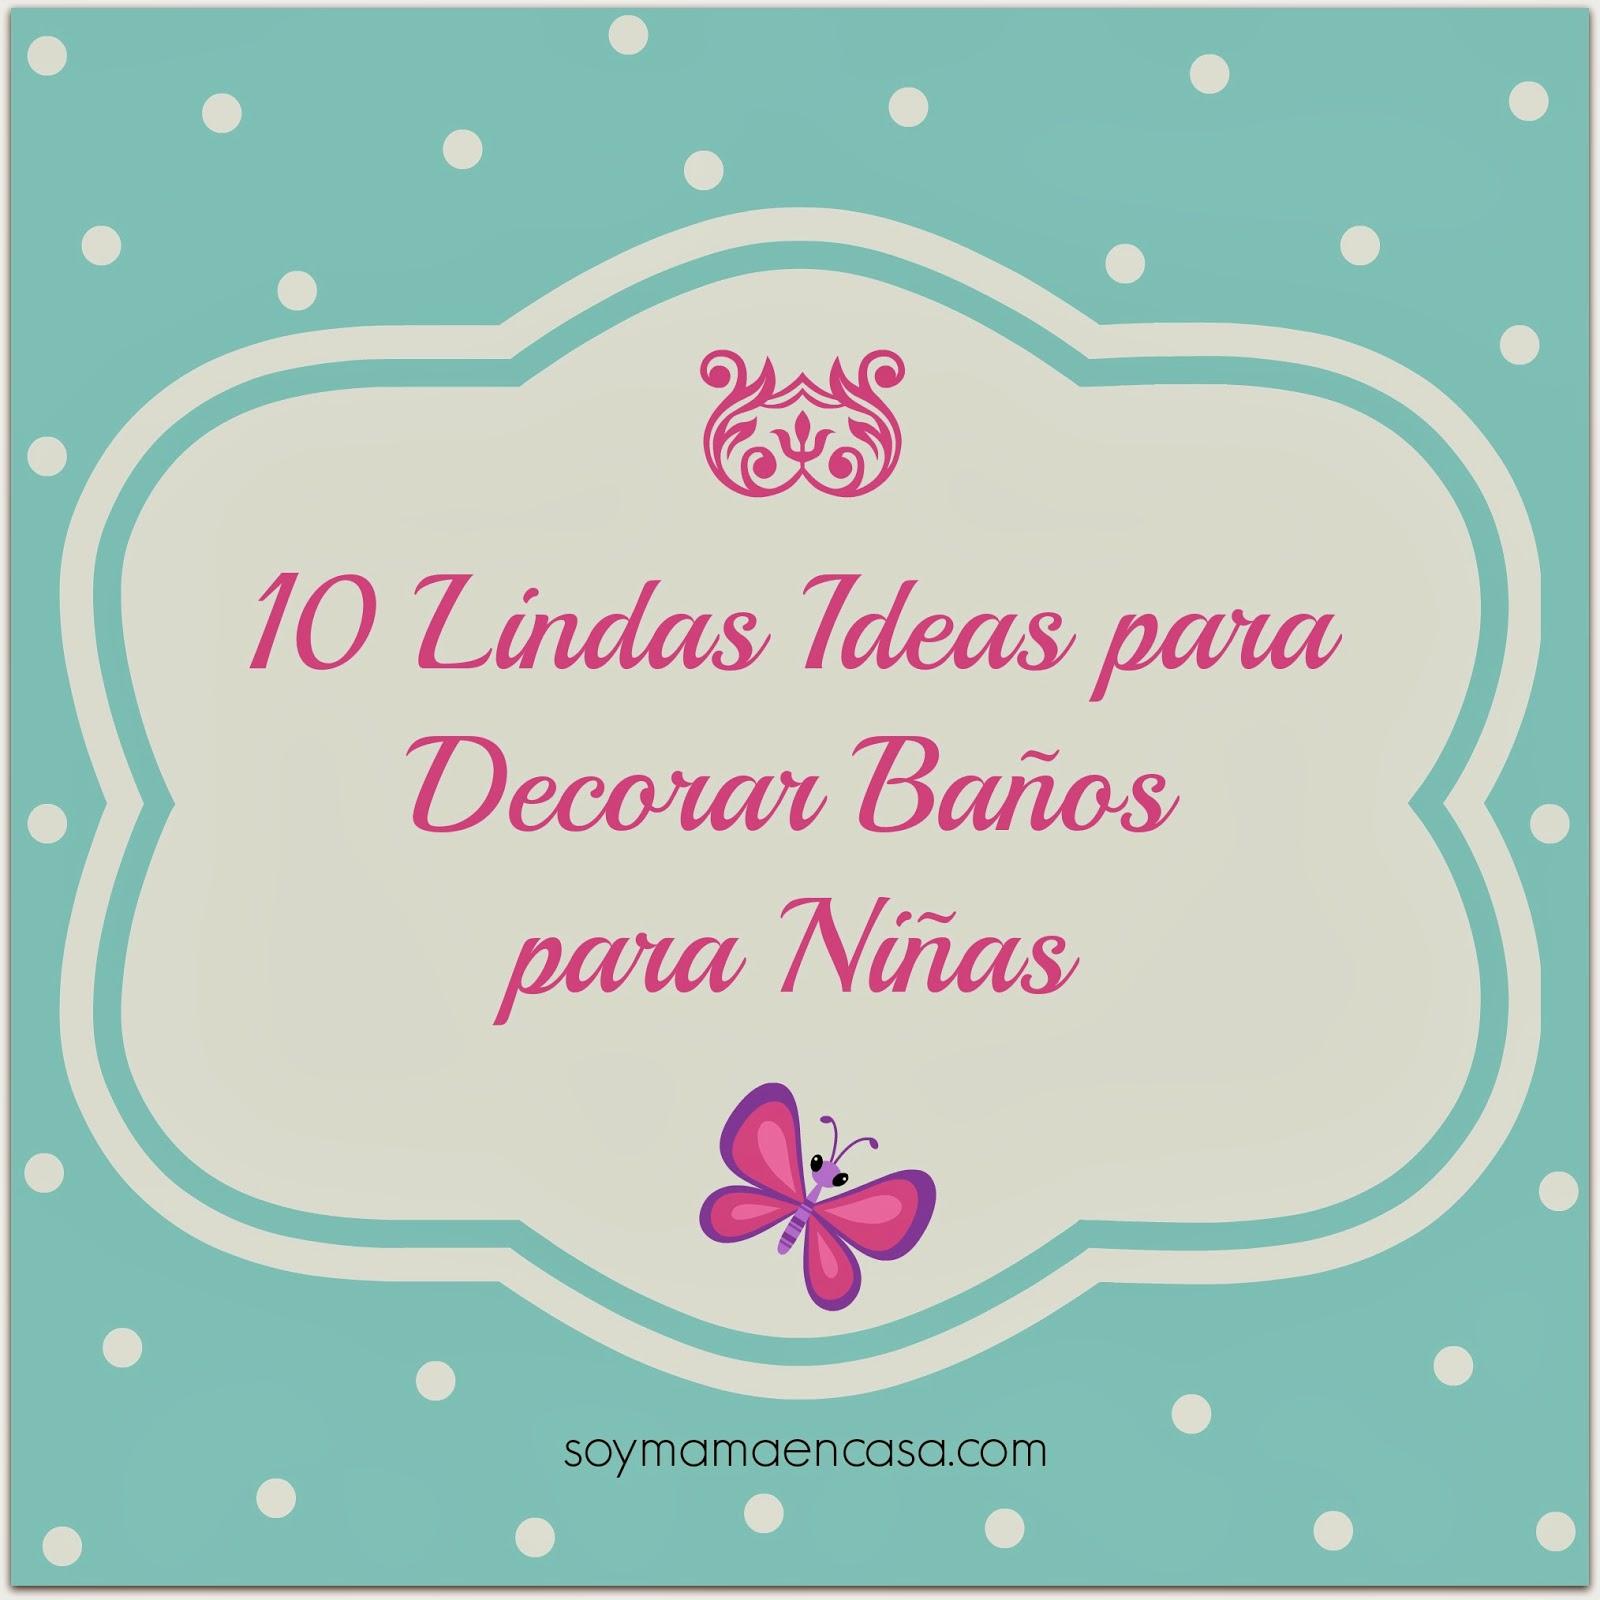 Decoracion Baño Ninas:10 Ideas para #Decorar la Casa: Baños de Niñas – Soy Mamá en Casa